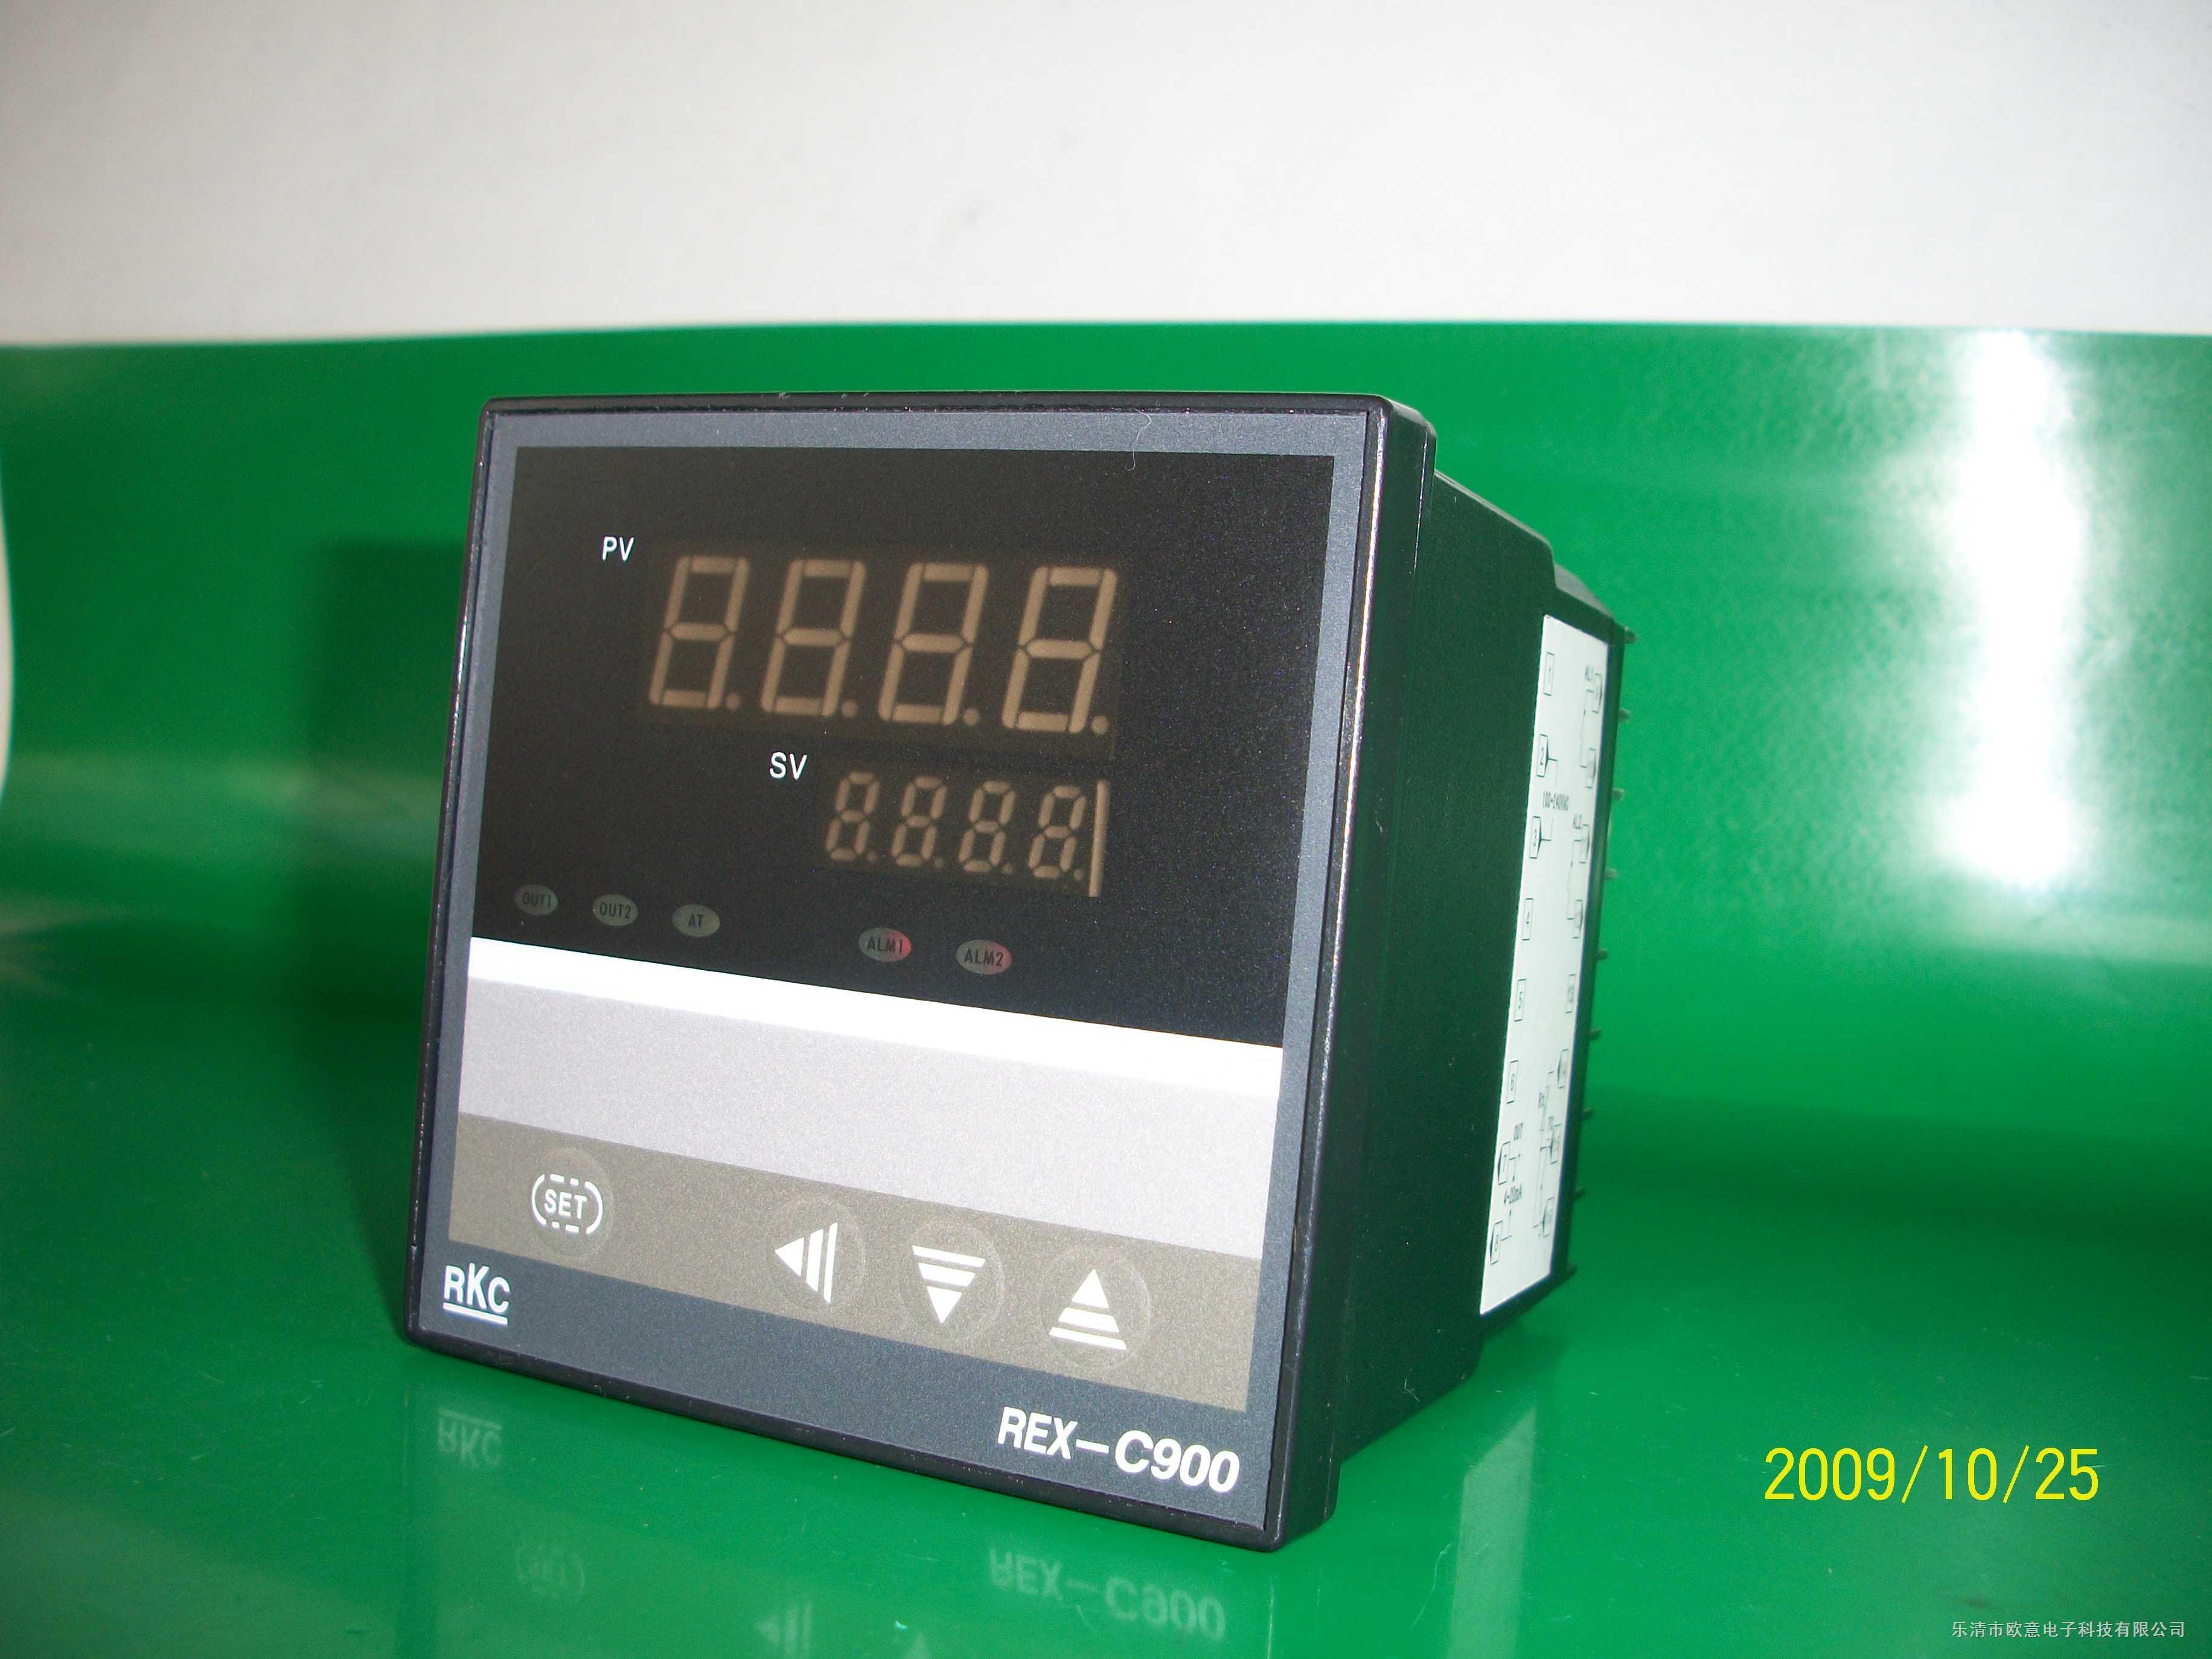 rex-c900 rkc温控器